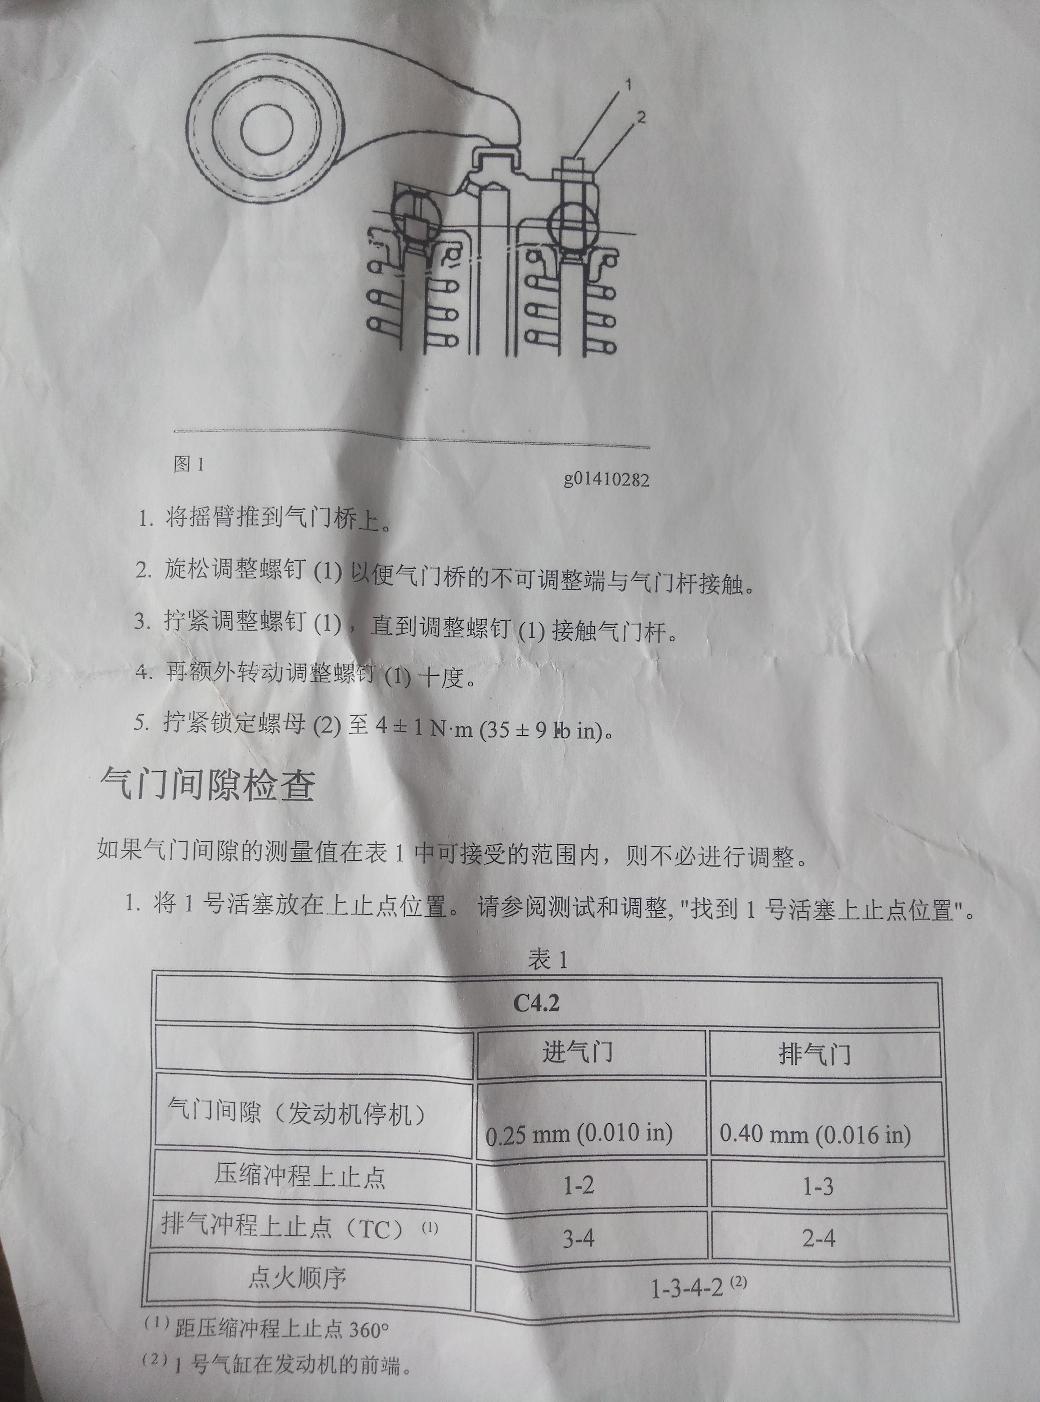 发动机气门间隙-检查/调整